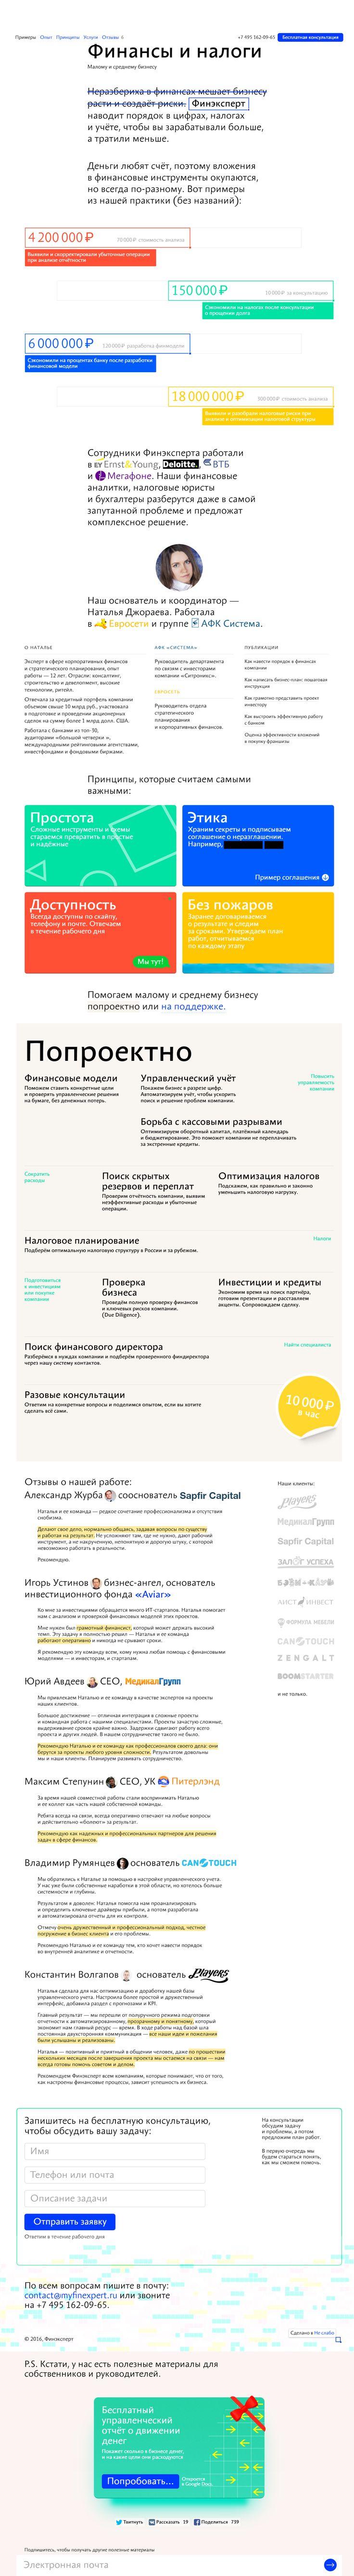 Финэксперт — Вадим Юмадилов и Микалюк Анатолий